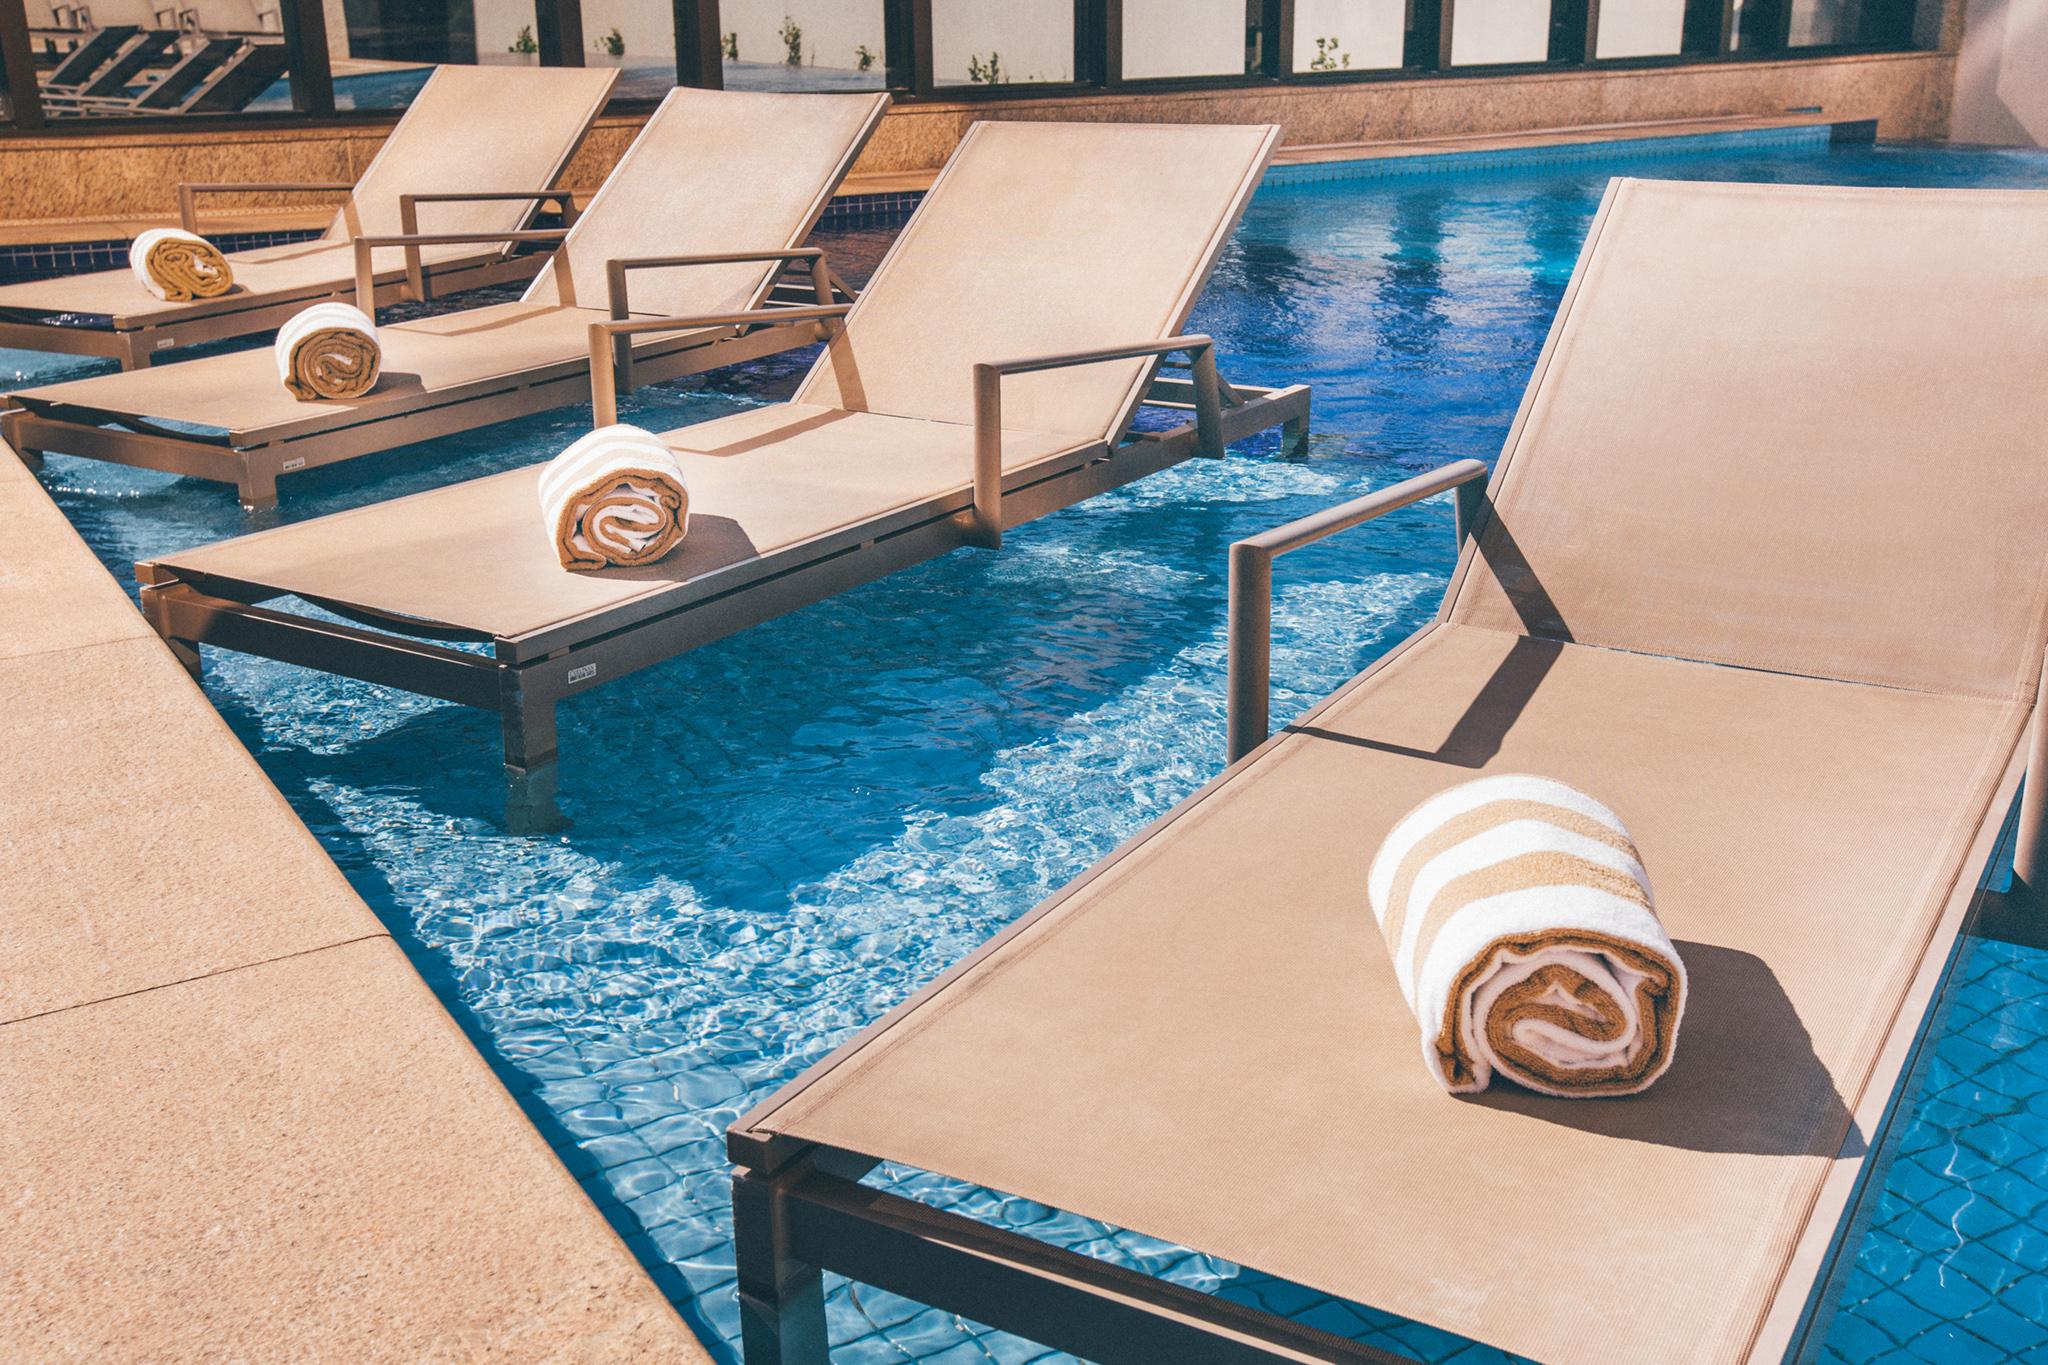 cullinan-hplus-premium-em-brasilia-piscina (1)